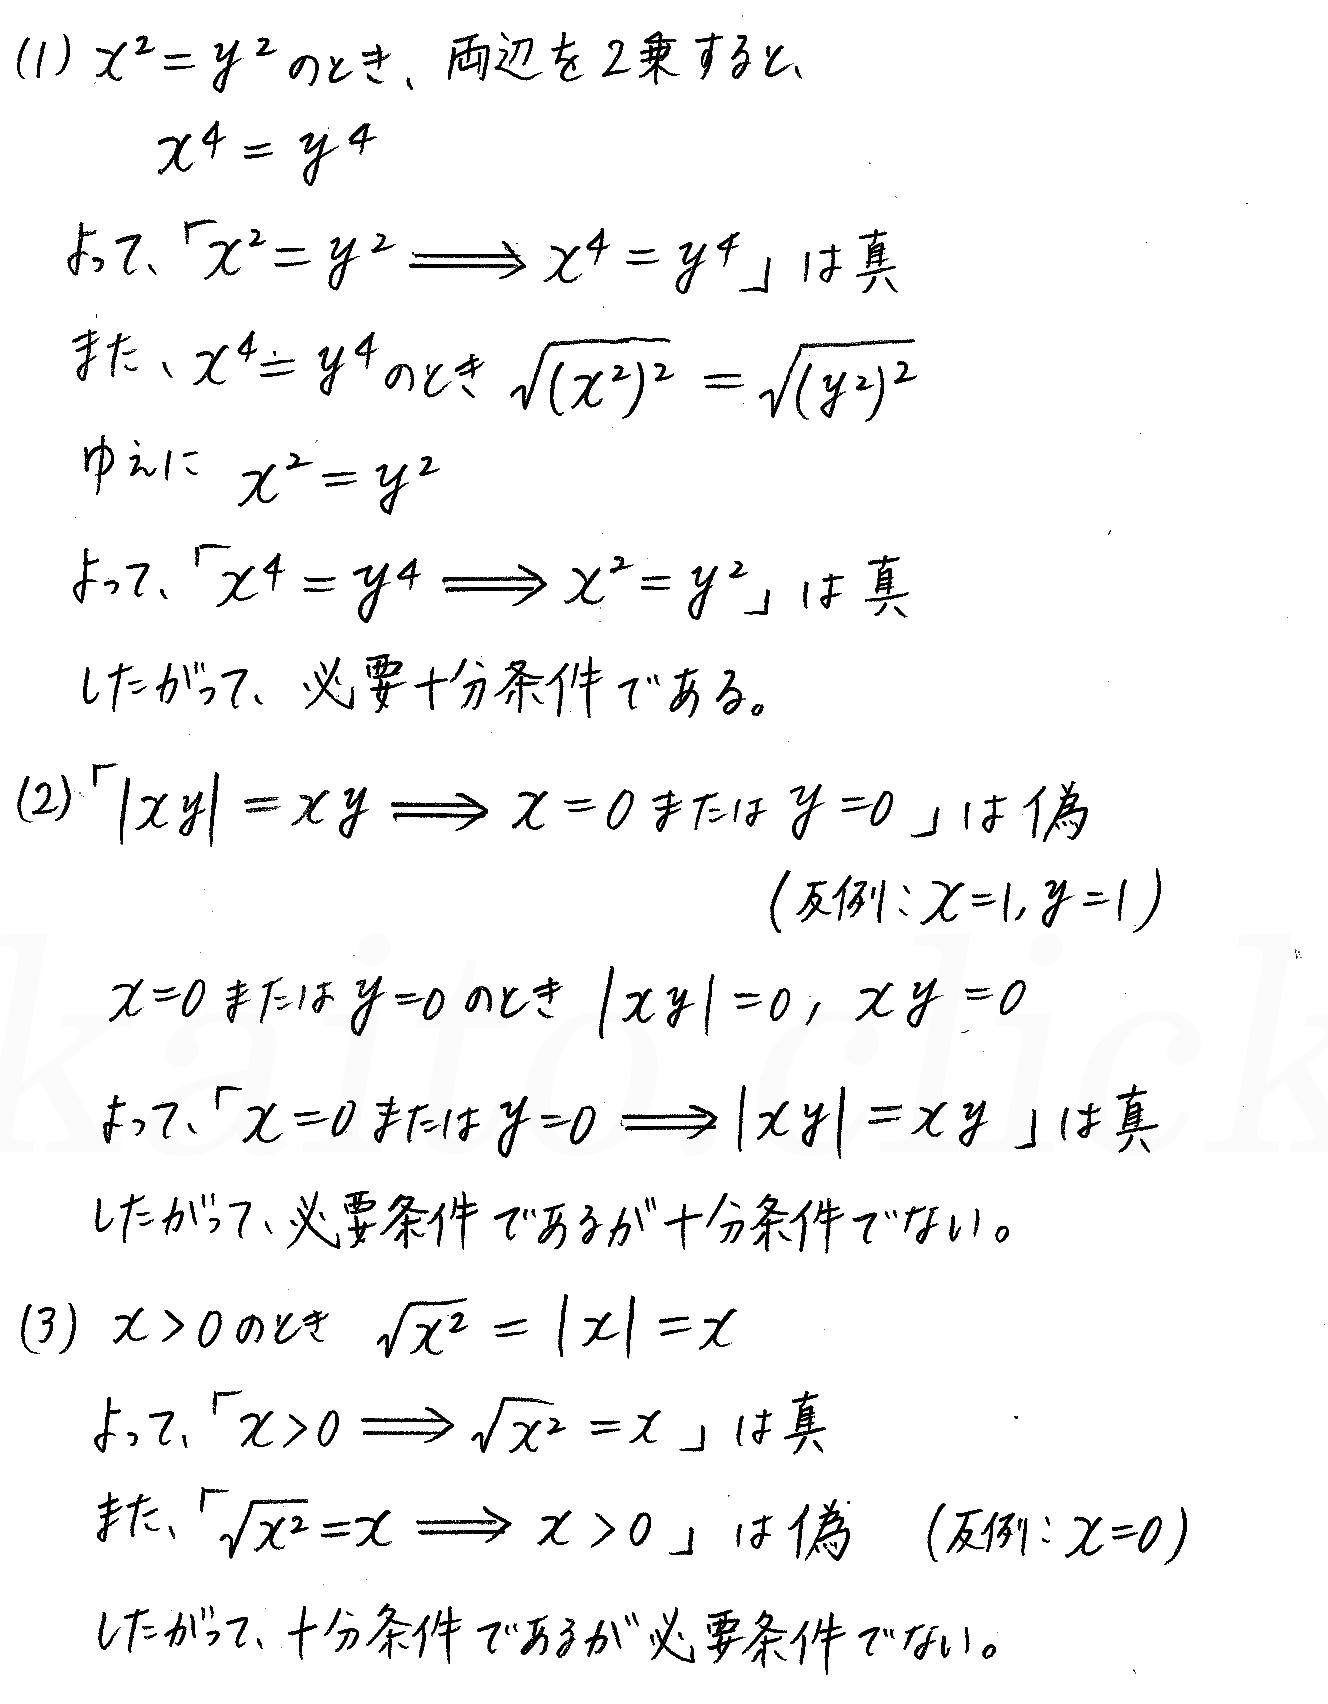 クリアー数学1-137解答